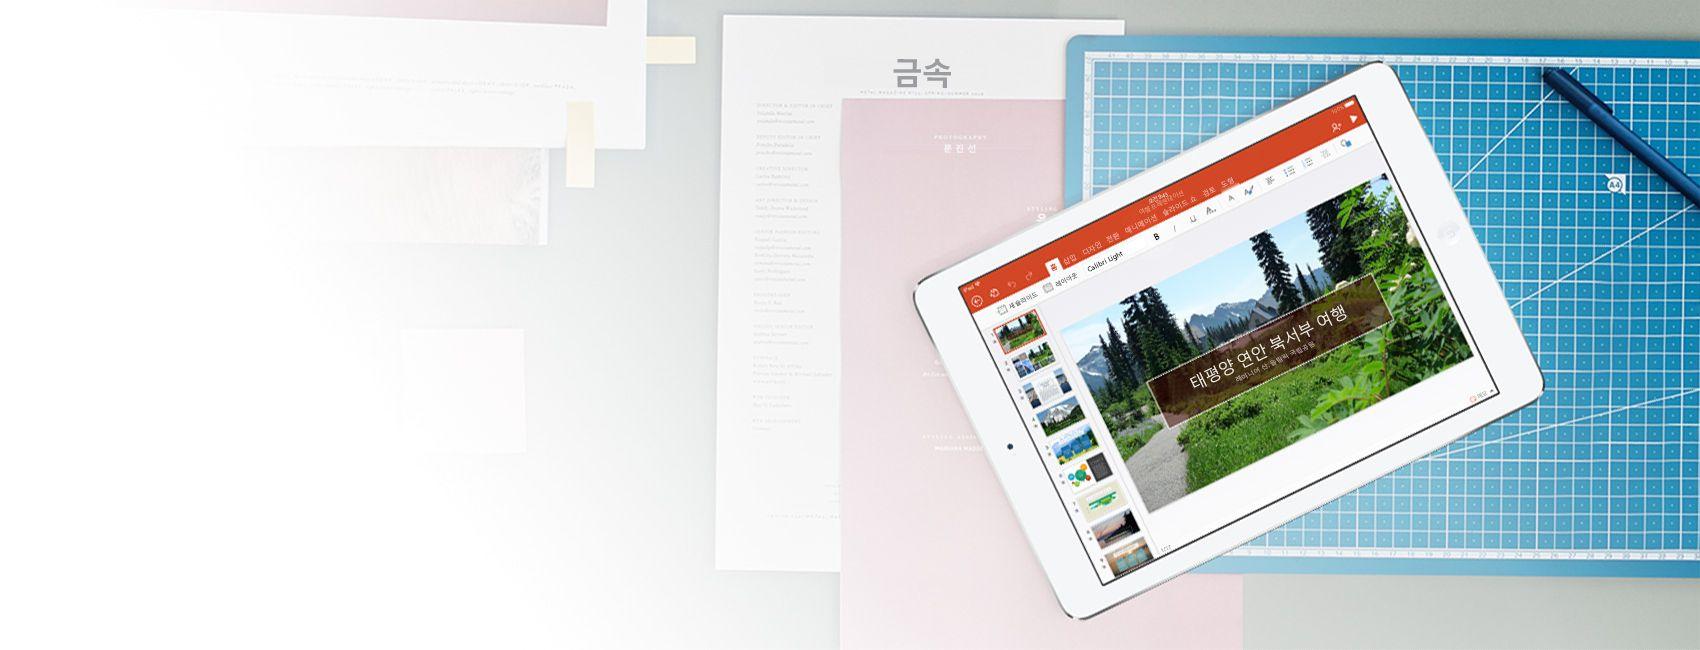 태평양 연안 북서부 여행에 대한 PowerPoint 프레젠테이션이 표시된 iPad